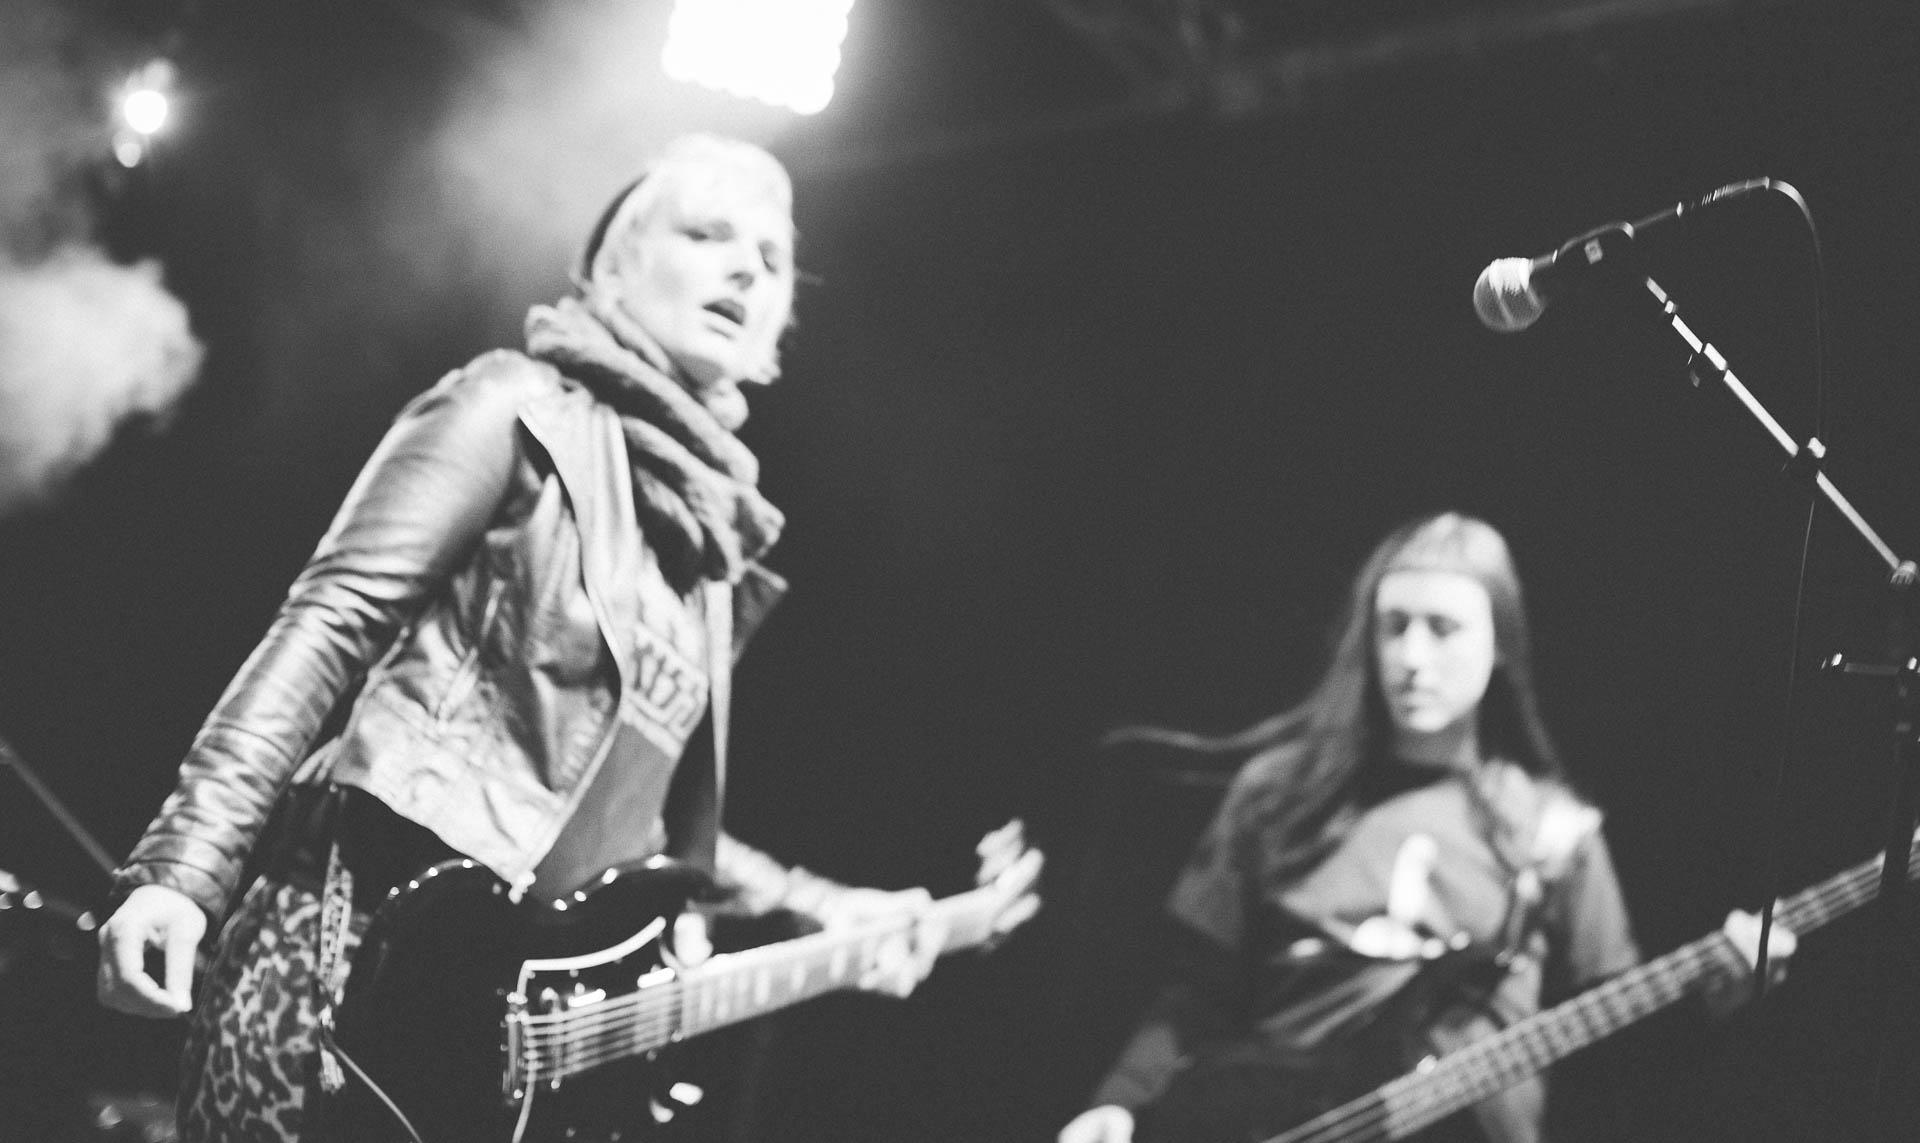 Konzert Berlin Fotograf Gitarre Bass schwarzweiss